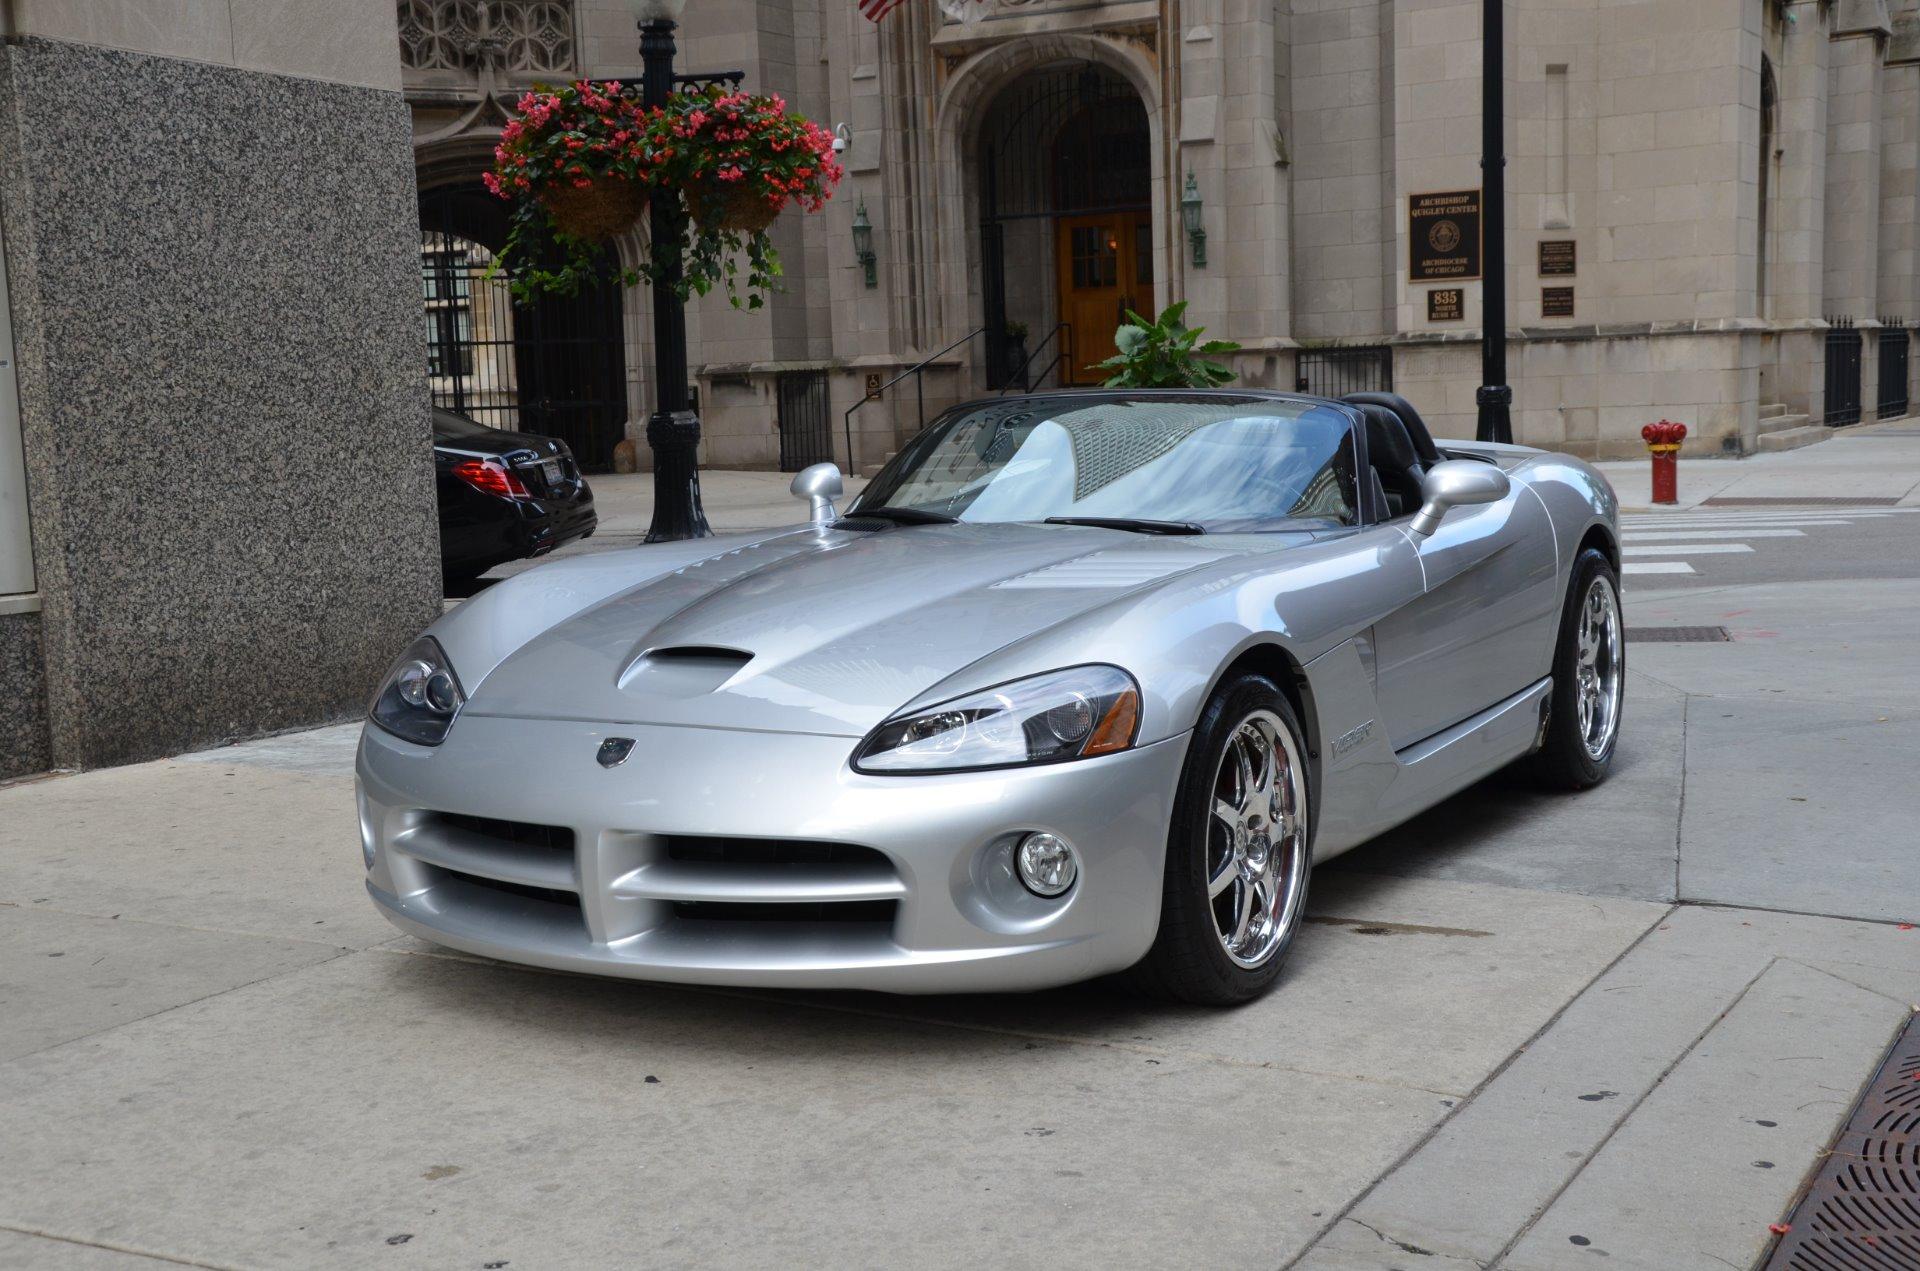 2003 Dodge Viper SRT10 Stock  GC2159B for sale near Chicago IL